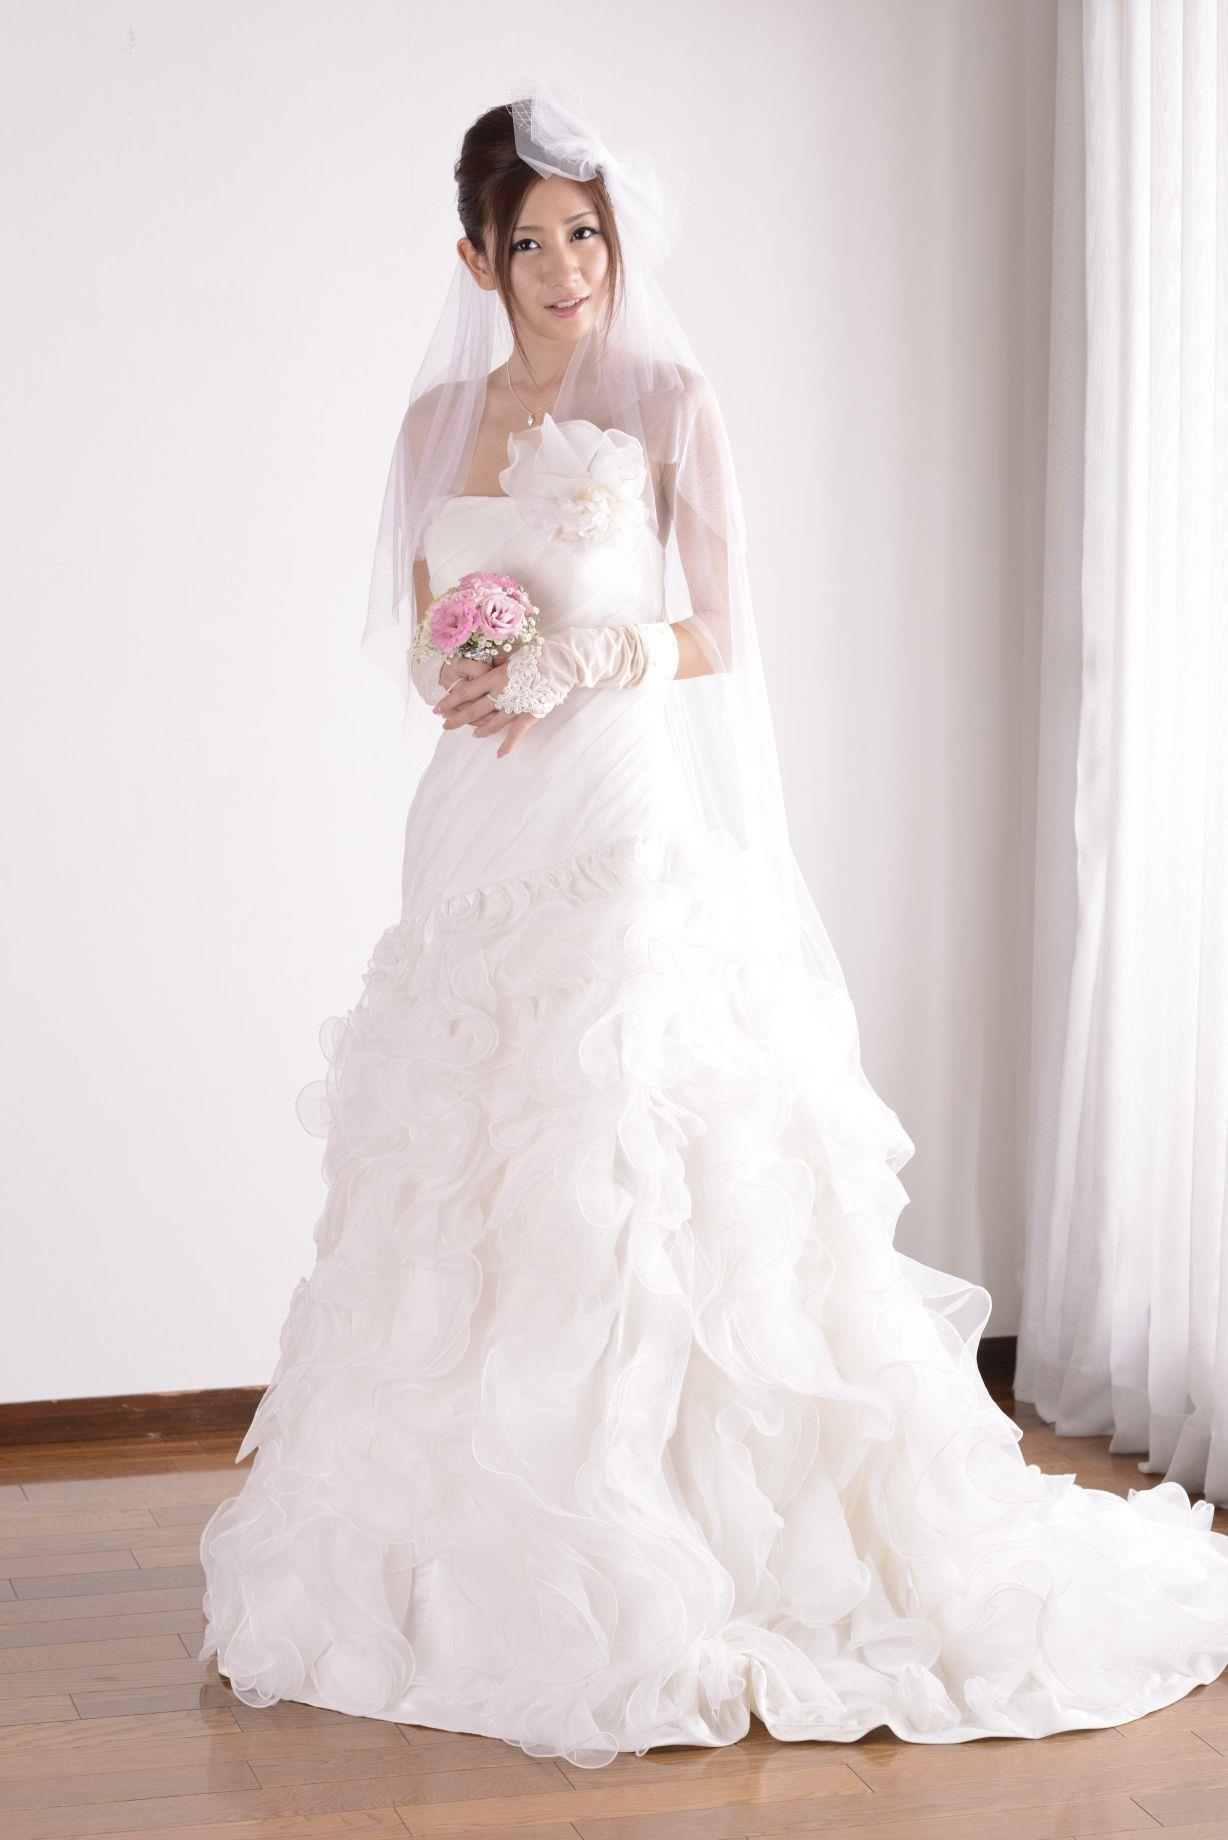 前田かおり ウェディングドレス画像 28